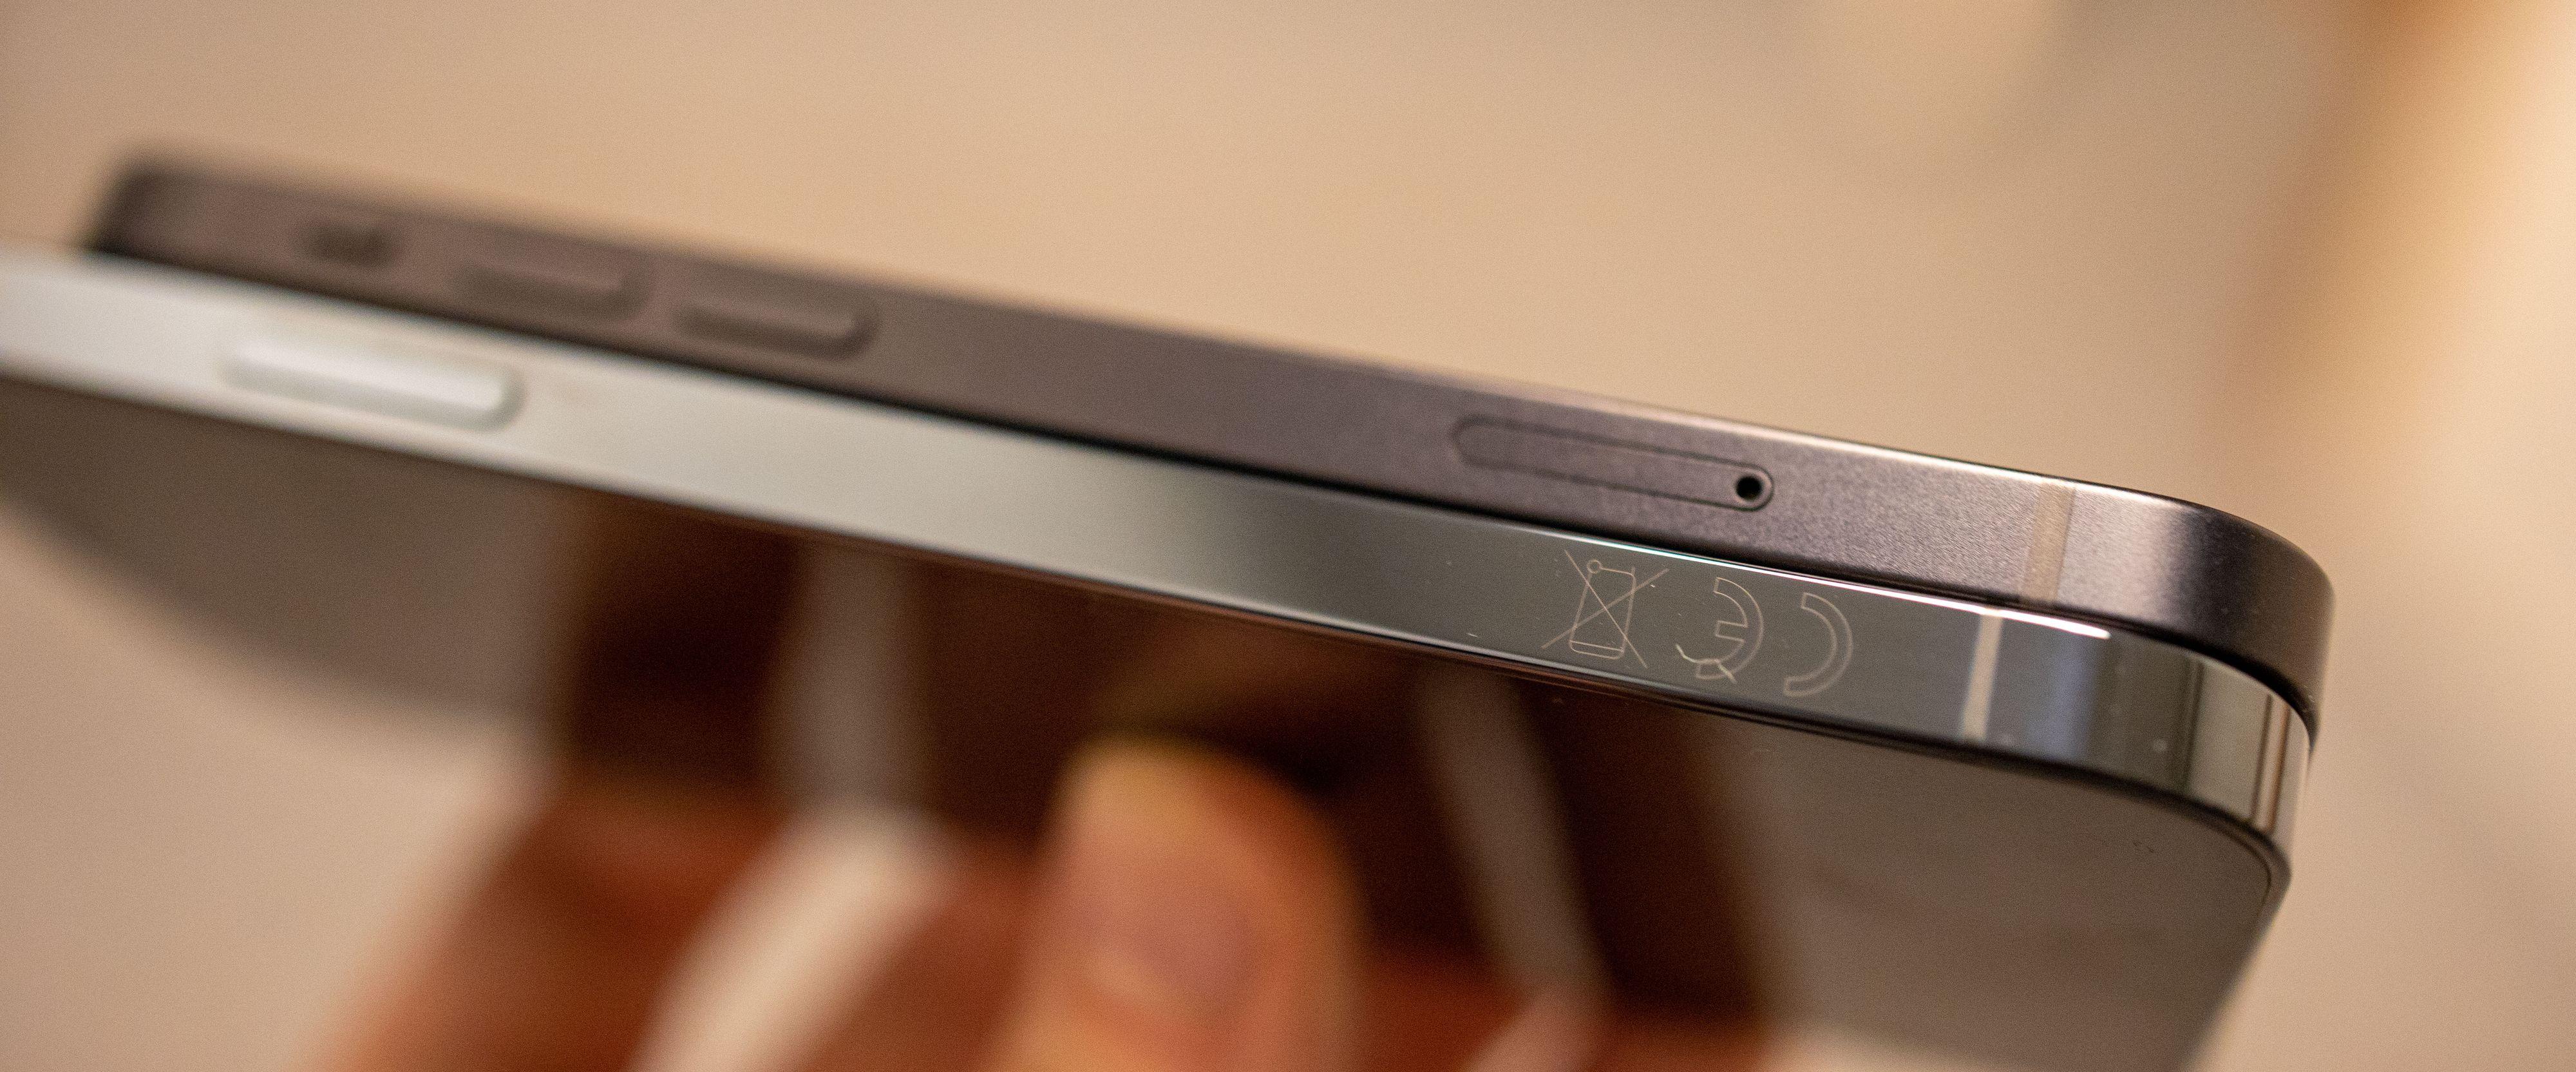 Den matte siden på iPhone 12 Mini får mindre fingeravtrykksmerker enn den blanke overflaten på iPhone 12 Pro.